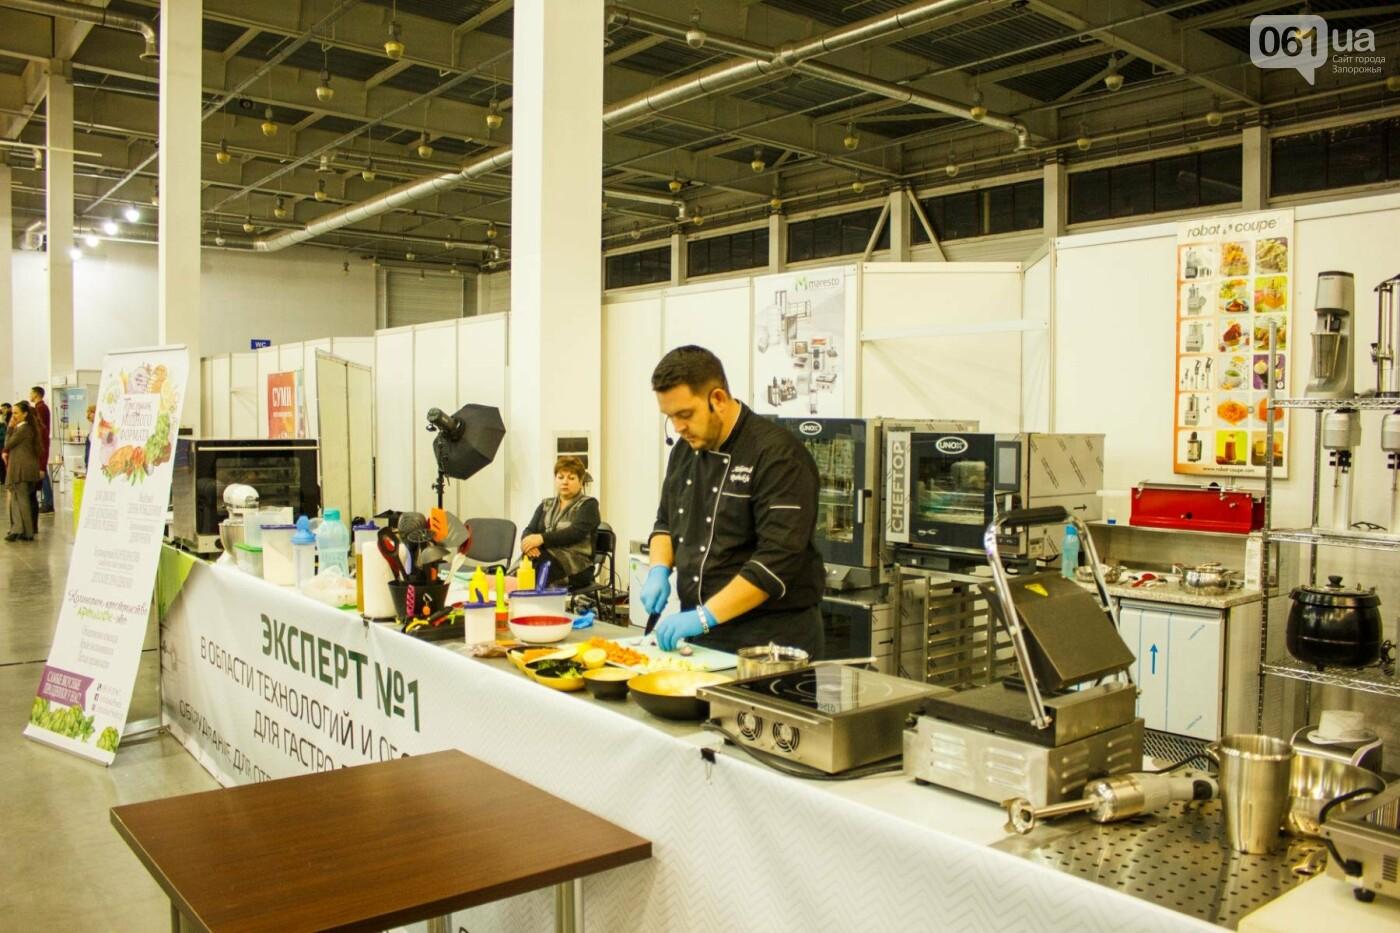 Шеф-повара запорожских ресторанов провели мастер-класс для горожан: как это было, - ФОТОРЕПОРТАЖ, фото-68